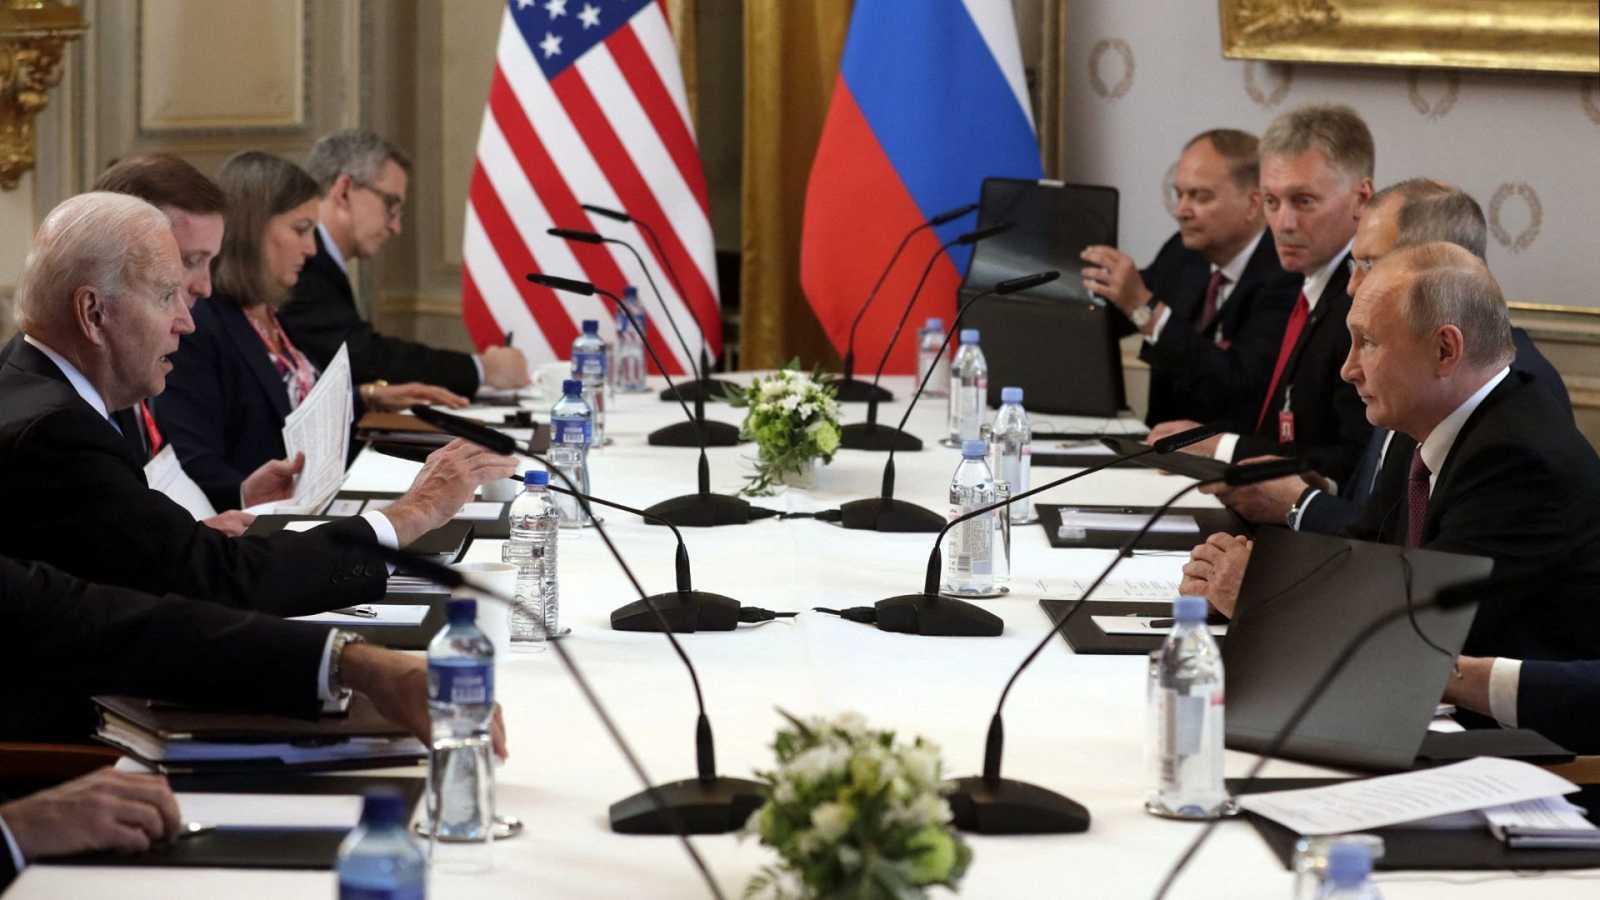 Estados Unidos y Rusia acuerdan el regreso de sus embajadores durante la cumbre entre Biden y Putin